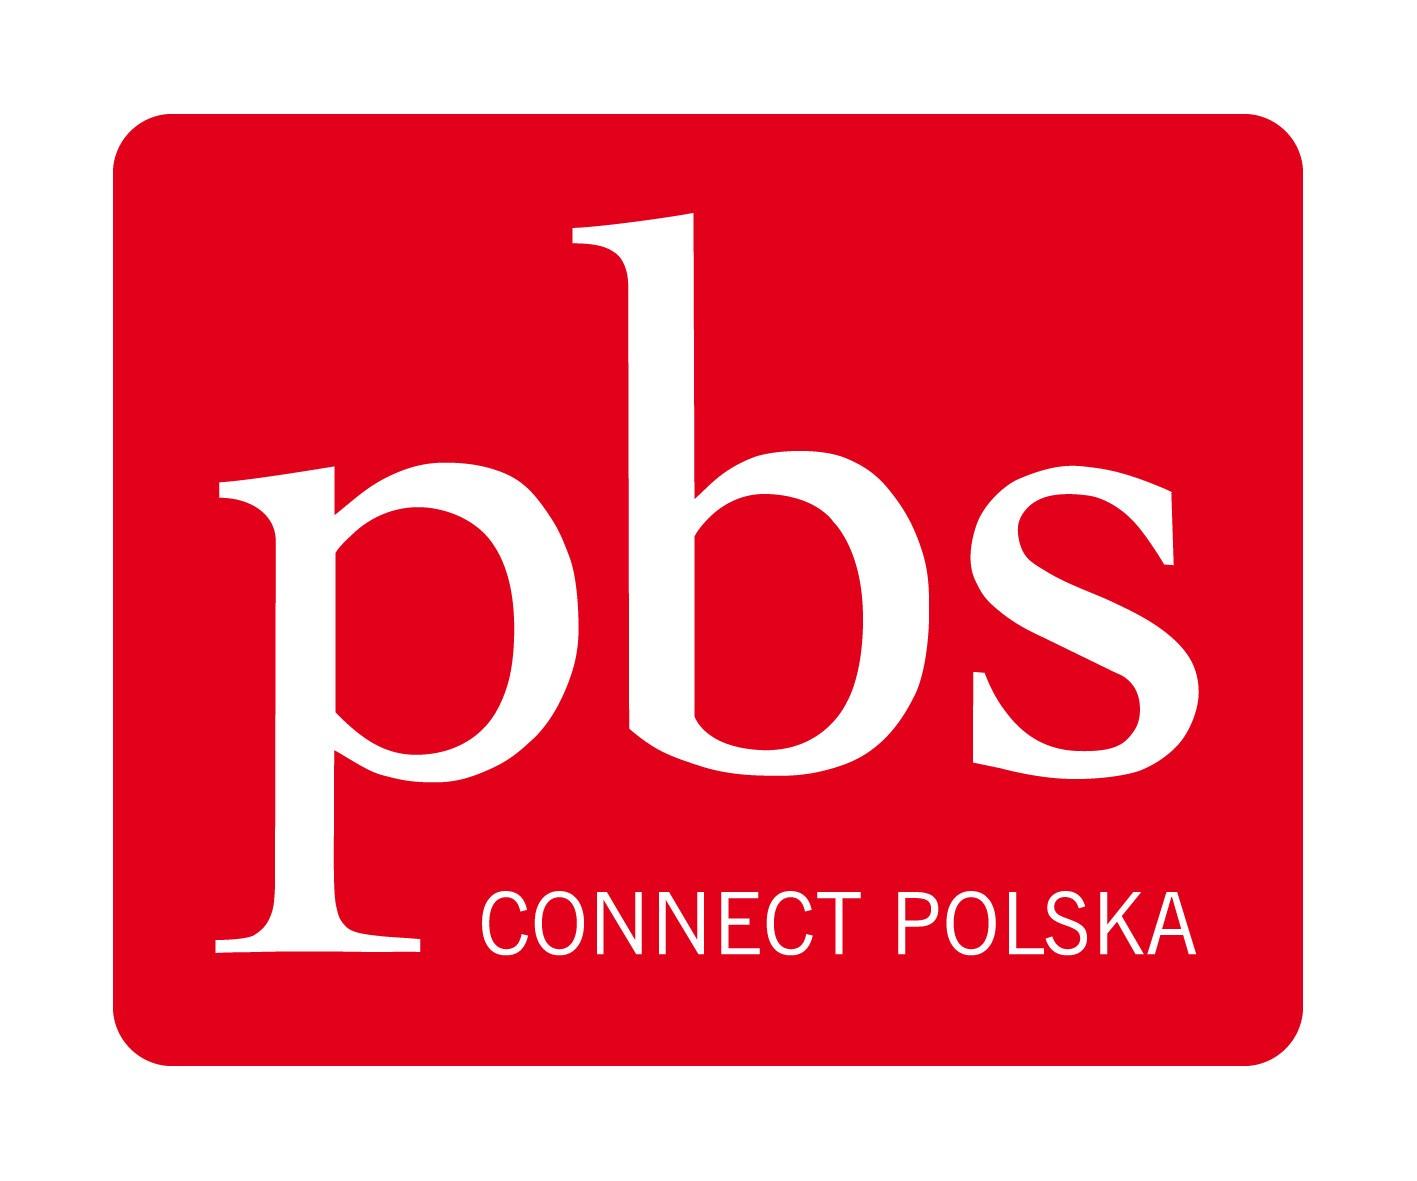 PBS CONNECT POLSKA Sp. z o.o.